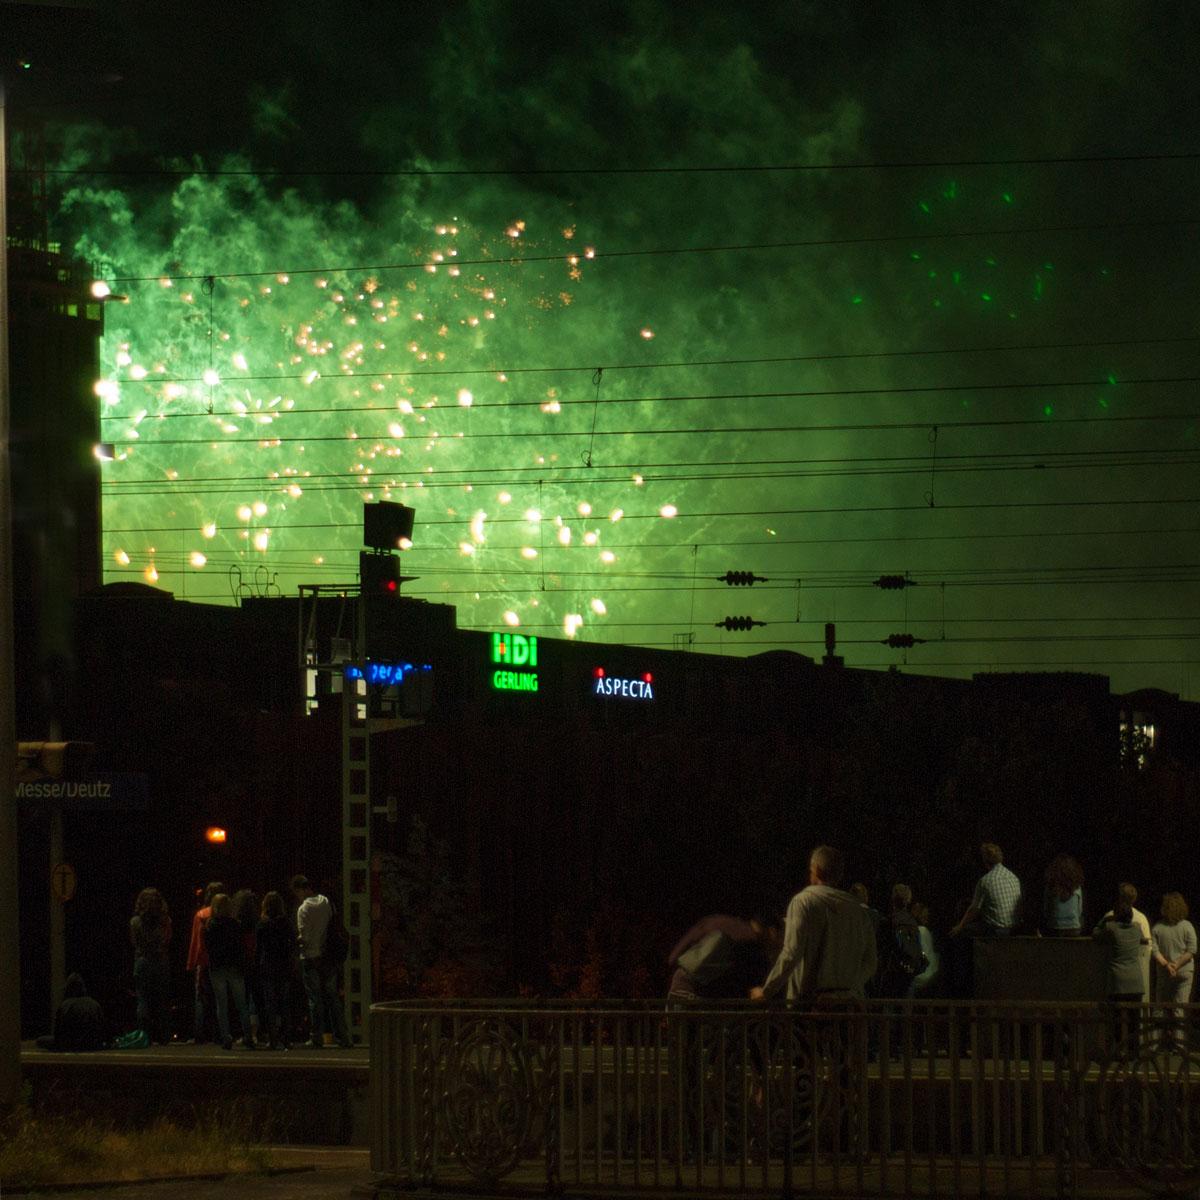 Feuerwerk vor der Kulisse der Deutzer Messe